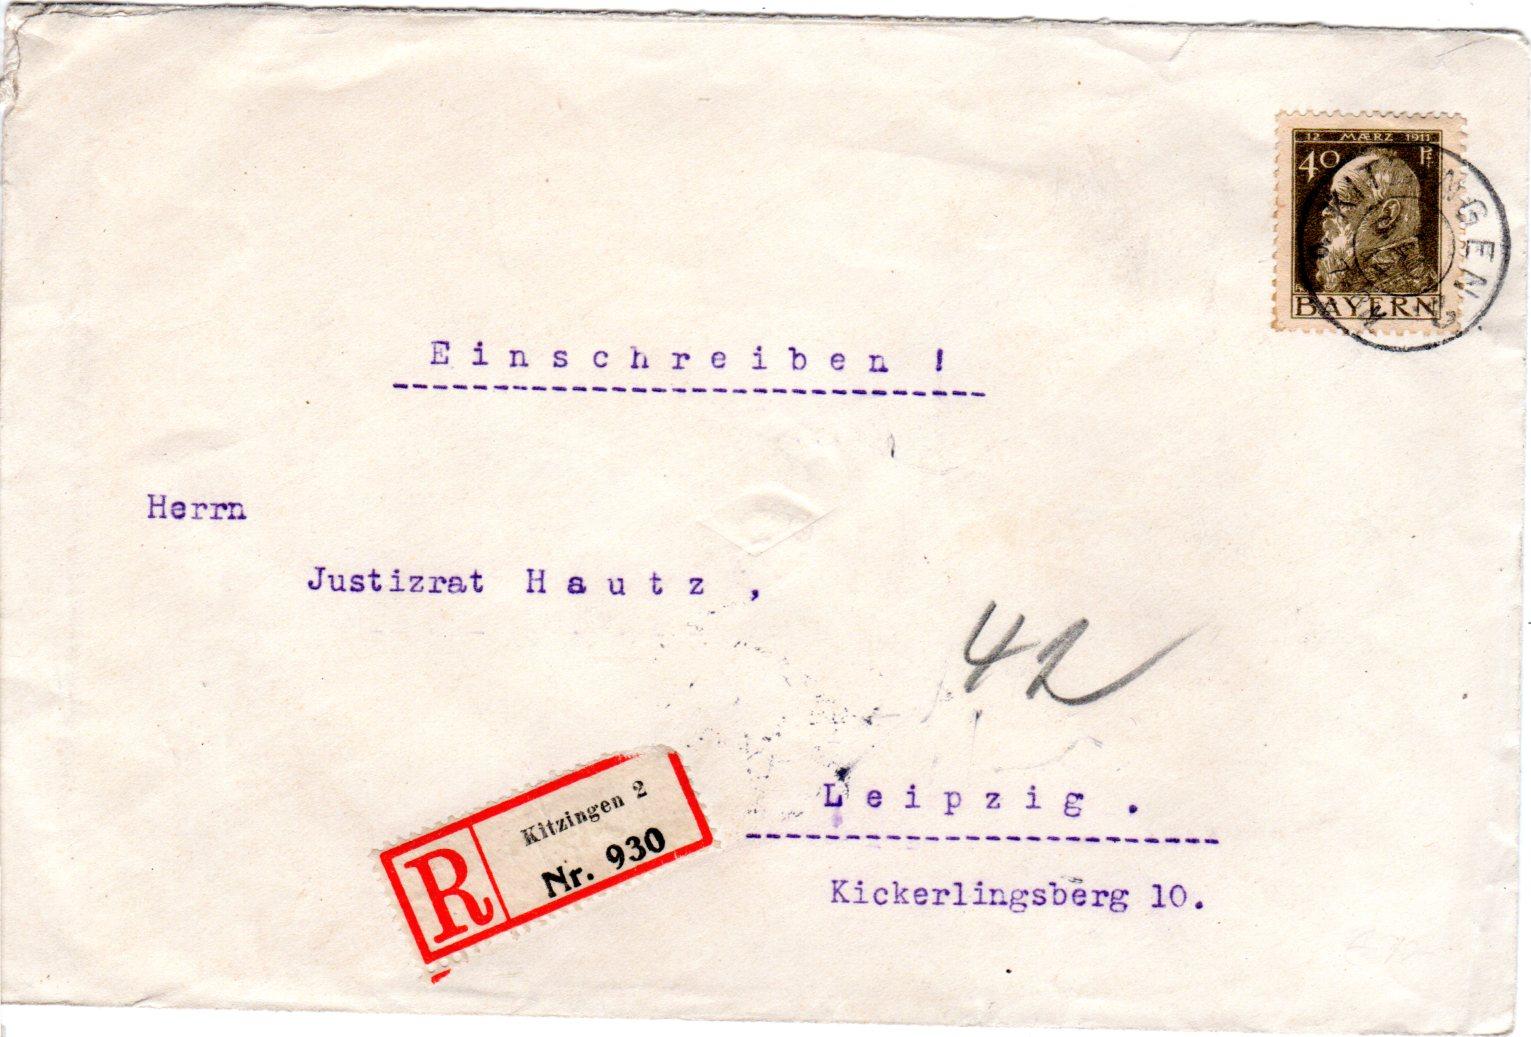 Bayern 1914 40 Pf Auf Einschreiben Brief V Kitzingen 2 Heiner